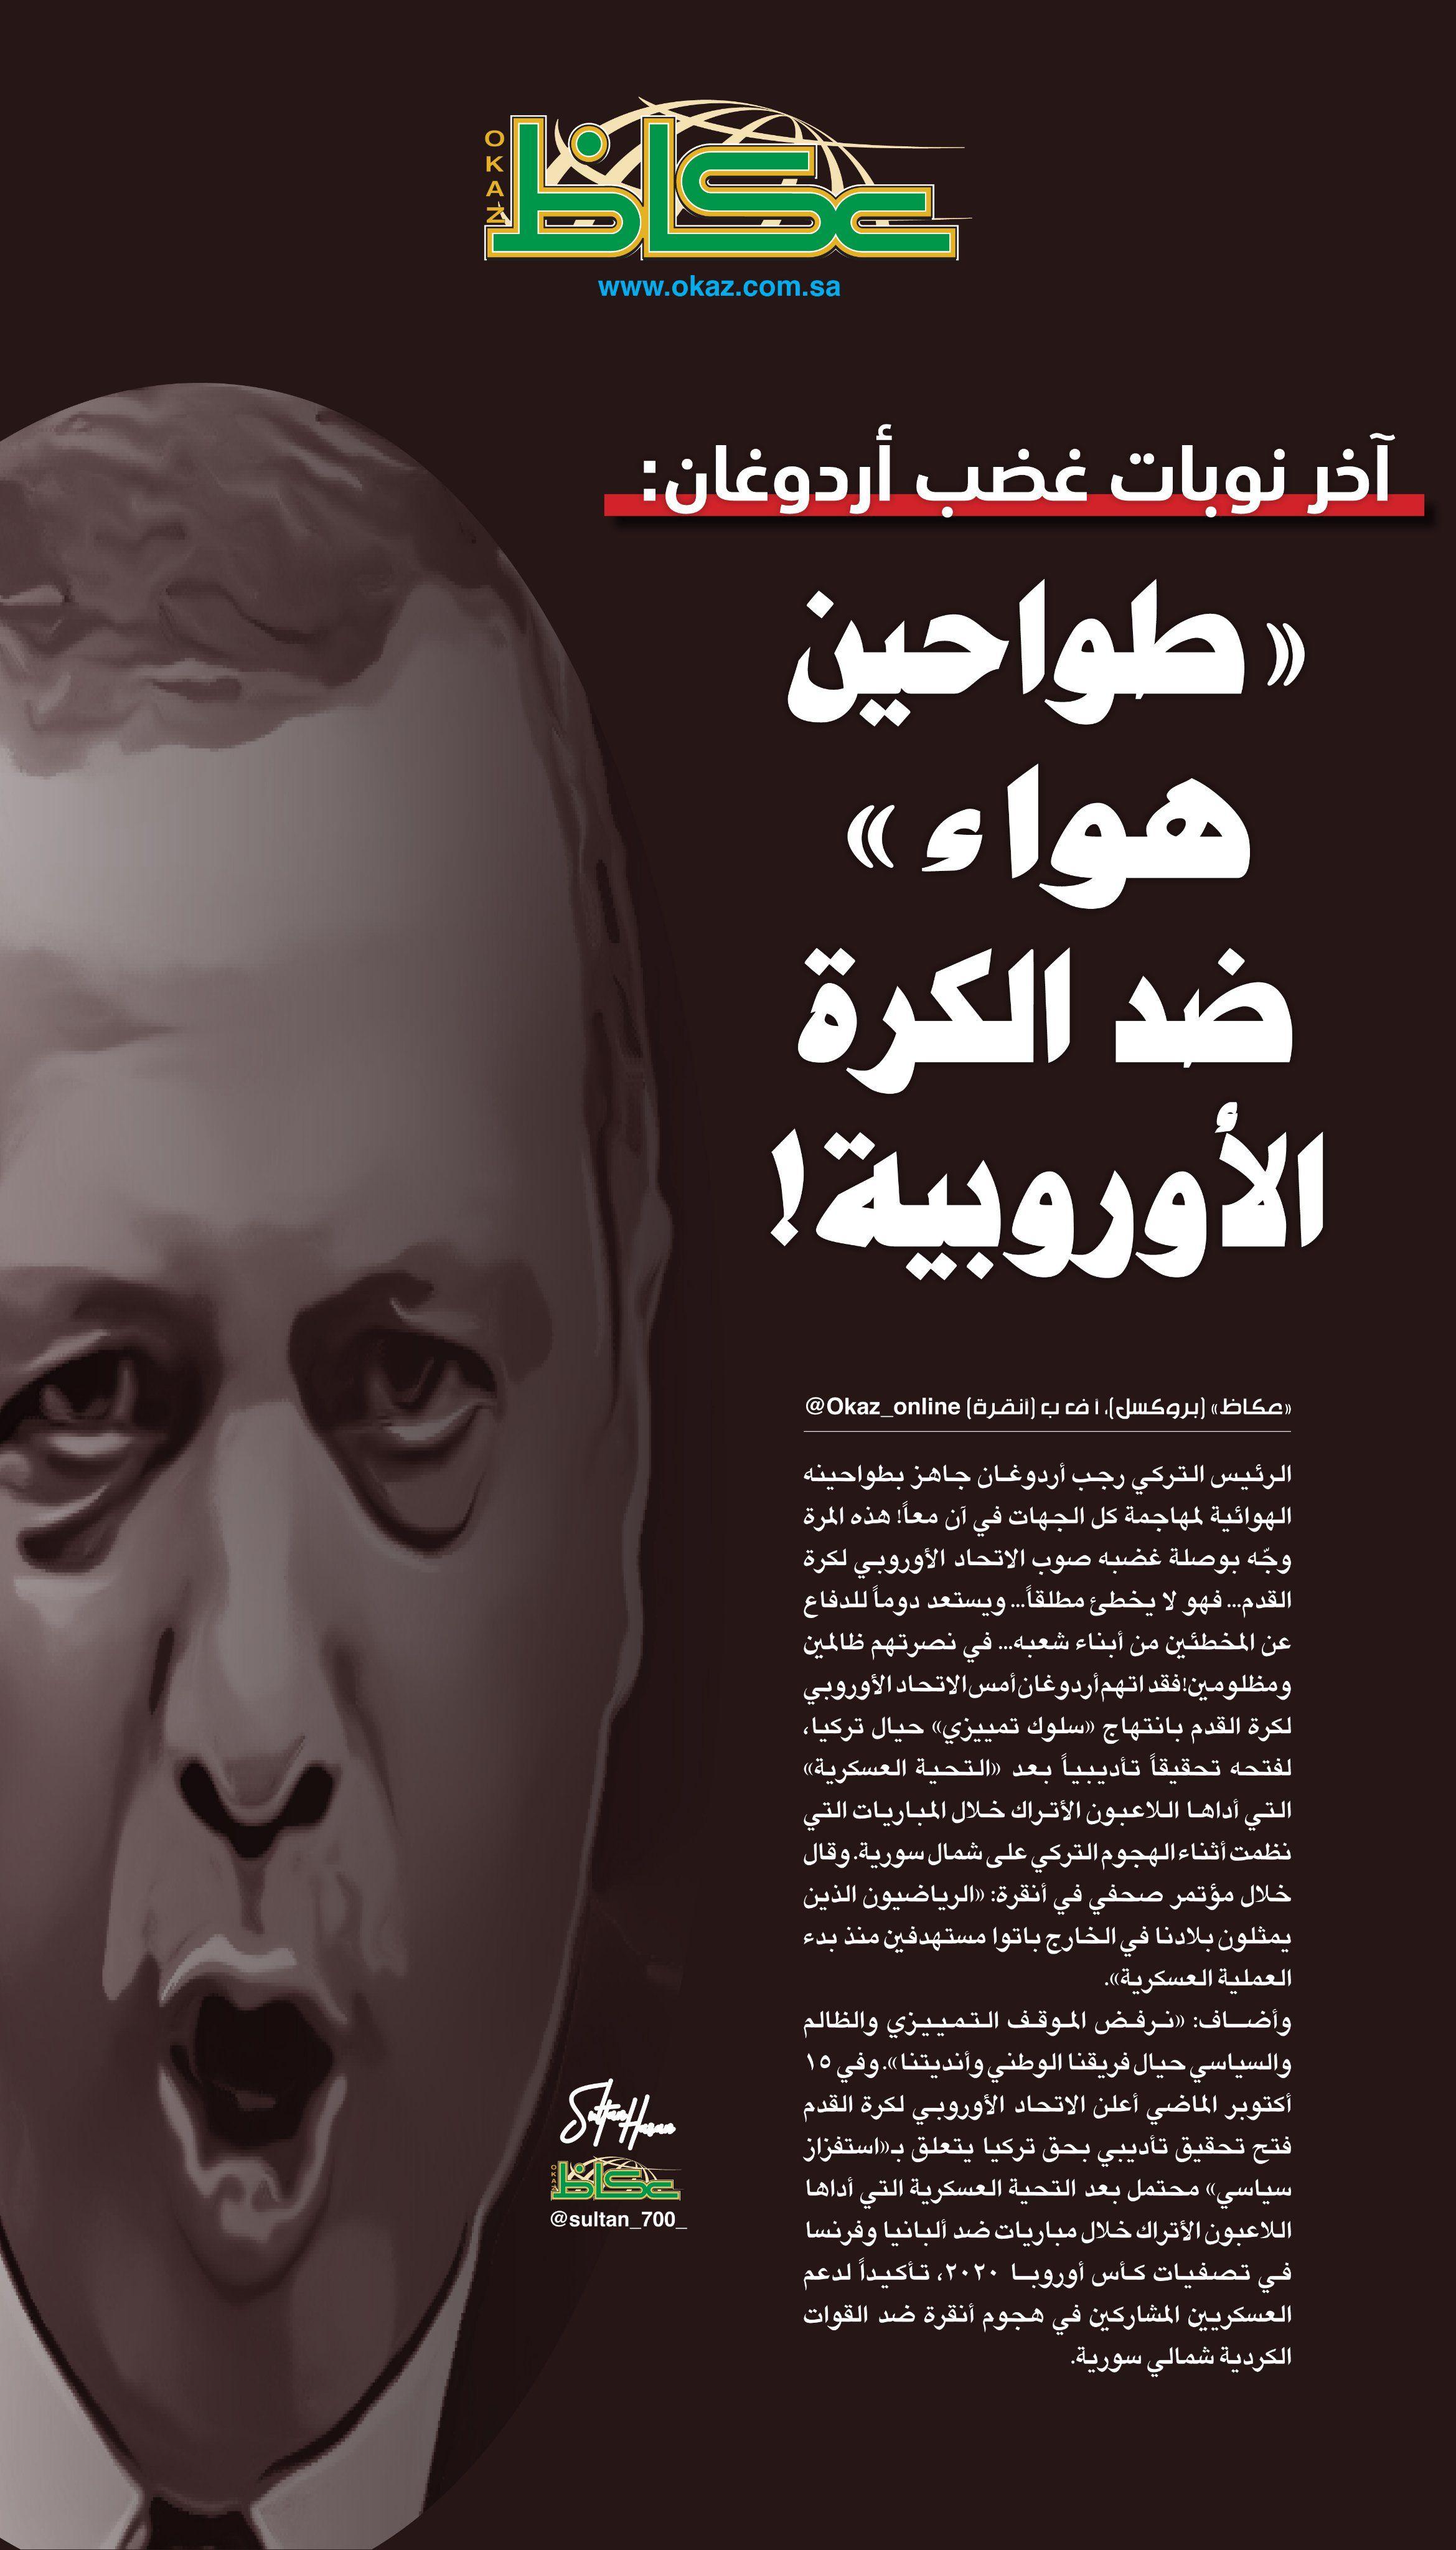 آخر نوبات غضب أردوغان طواحين هواء ضد الكرة الأوروبية Saudi Arabia News Online Movie Posters